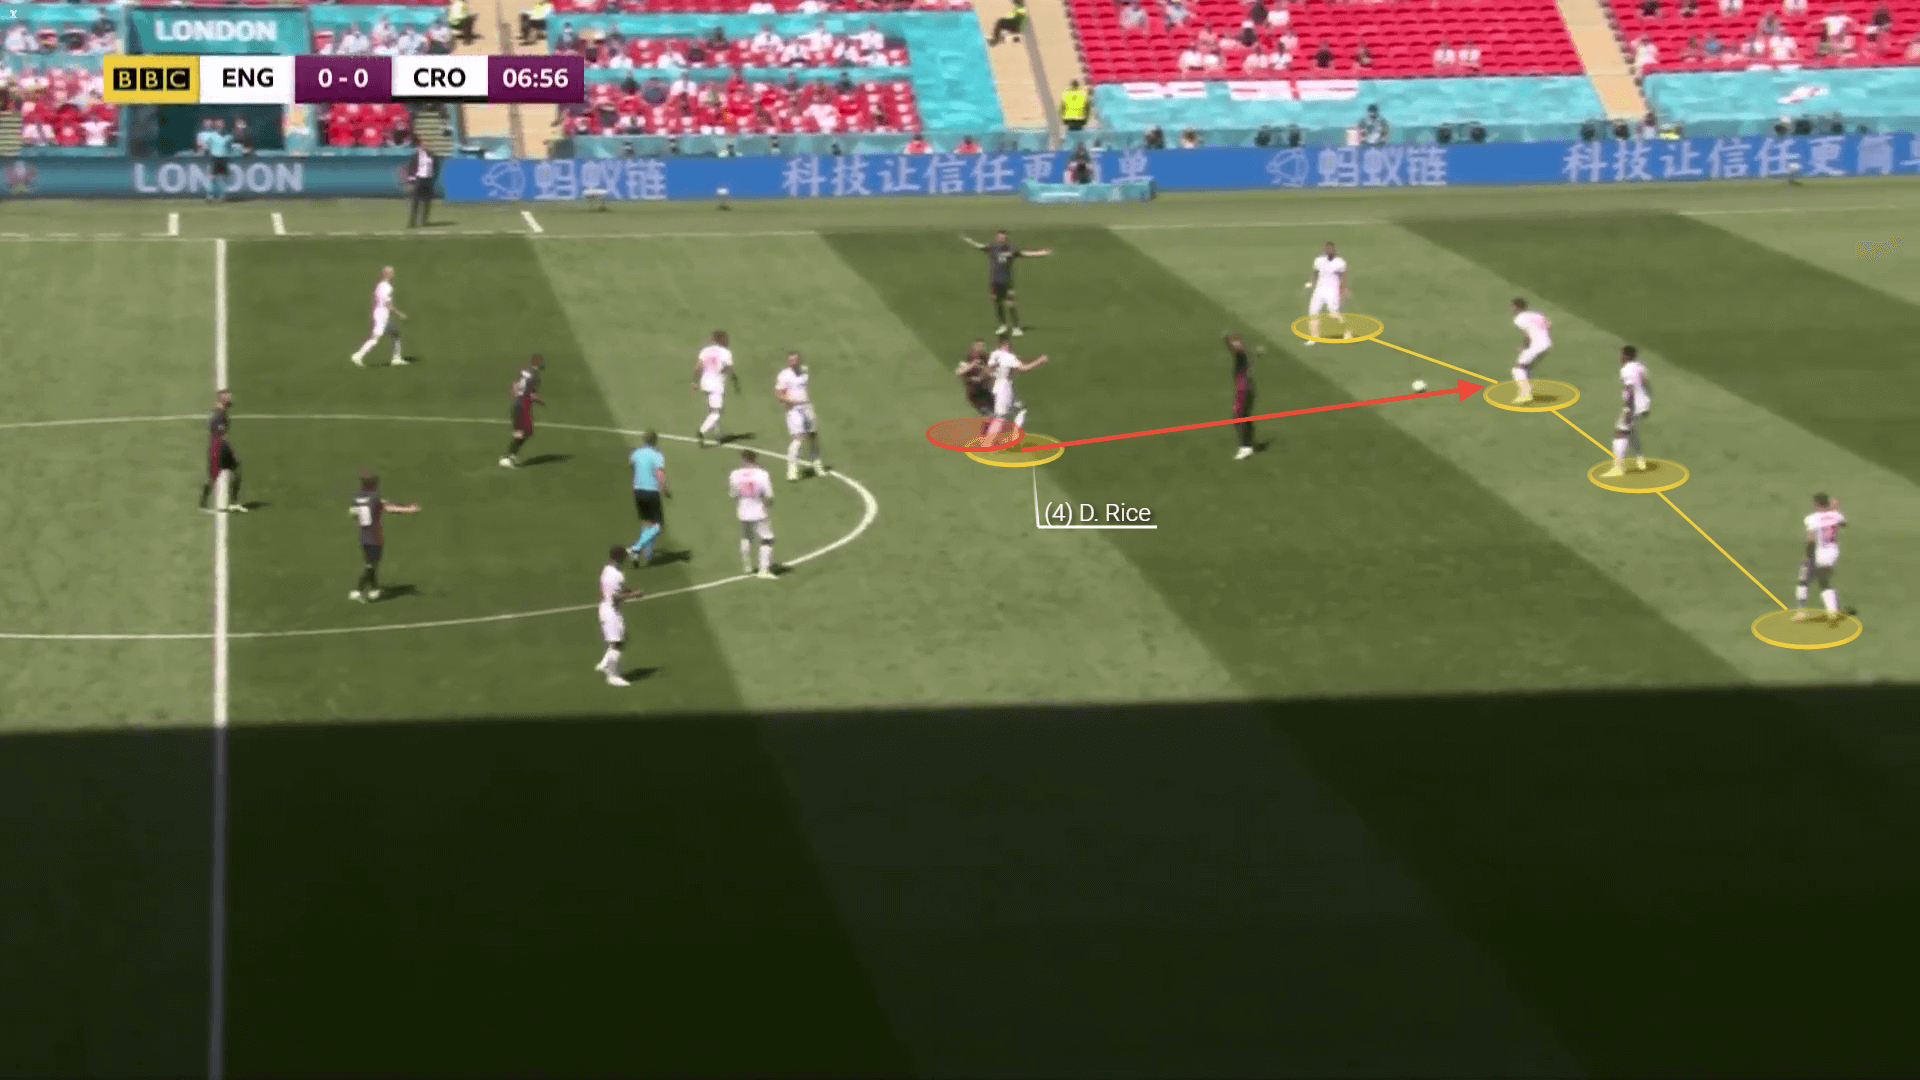 EURO 2020: England vs Croatia - tactical analysis tactics